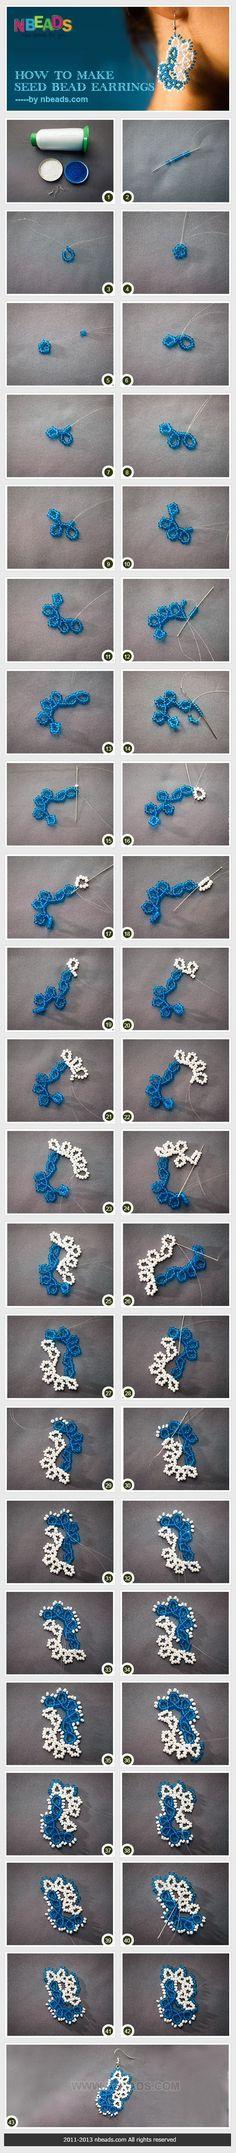 how to make seed bead earrings - Picmia